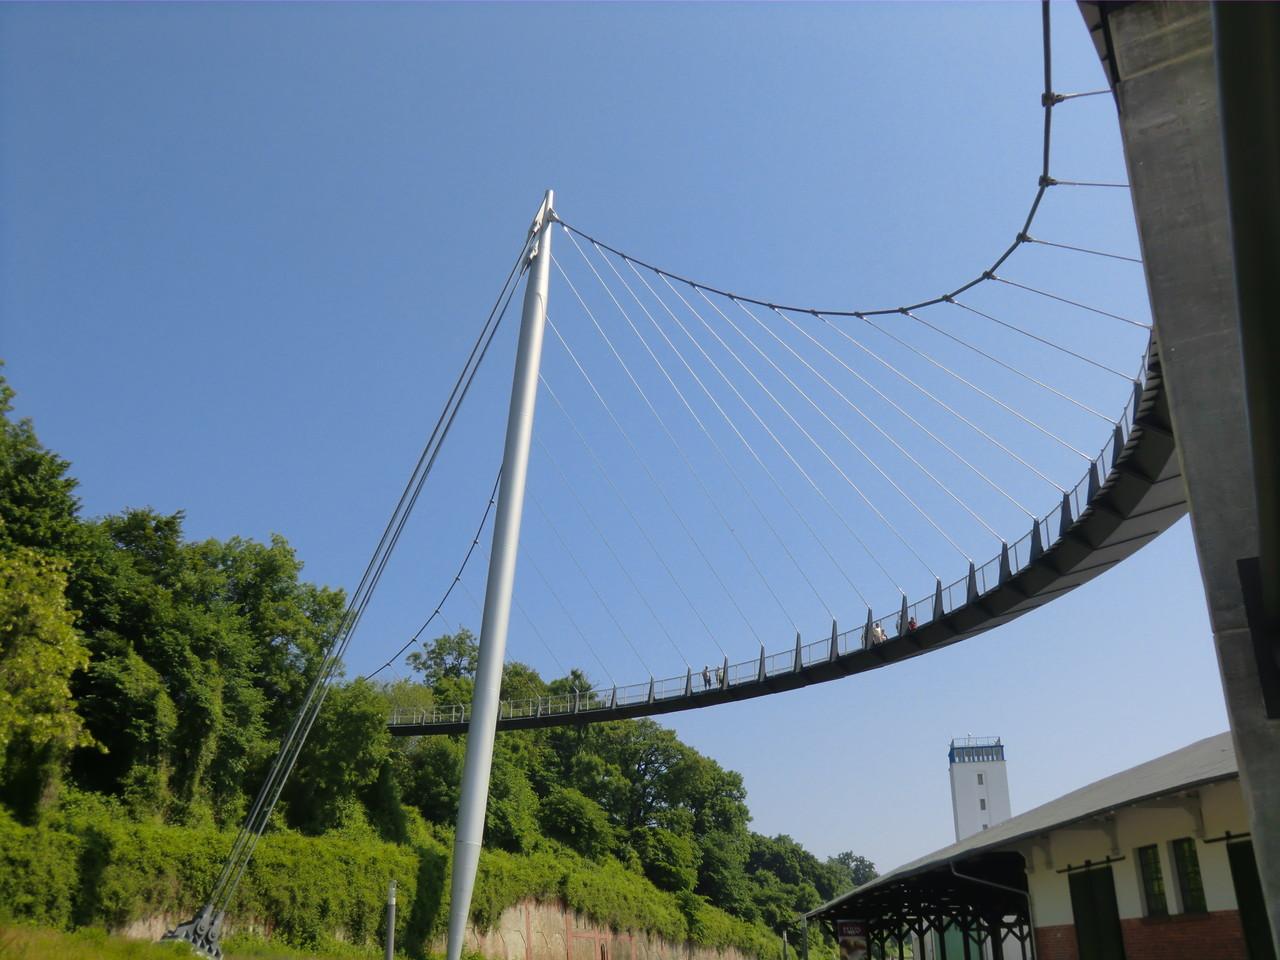 Hängebrücke zum Hafen